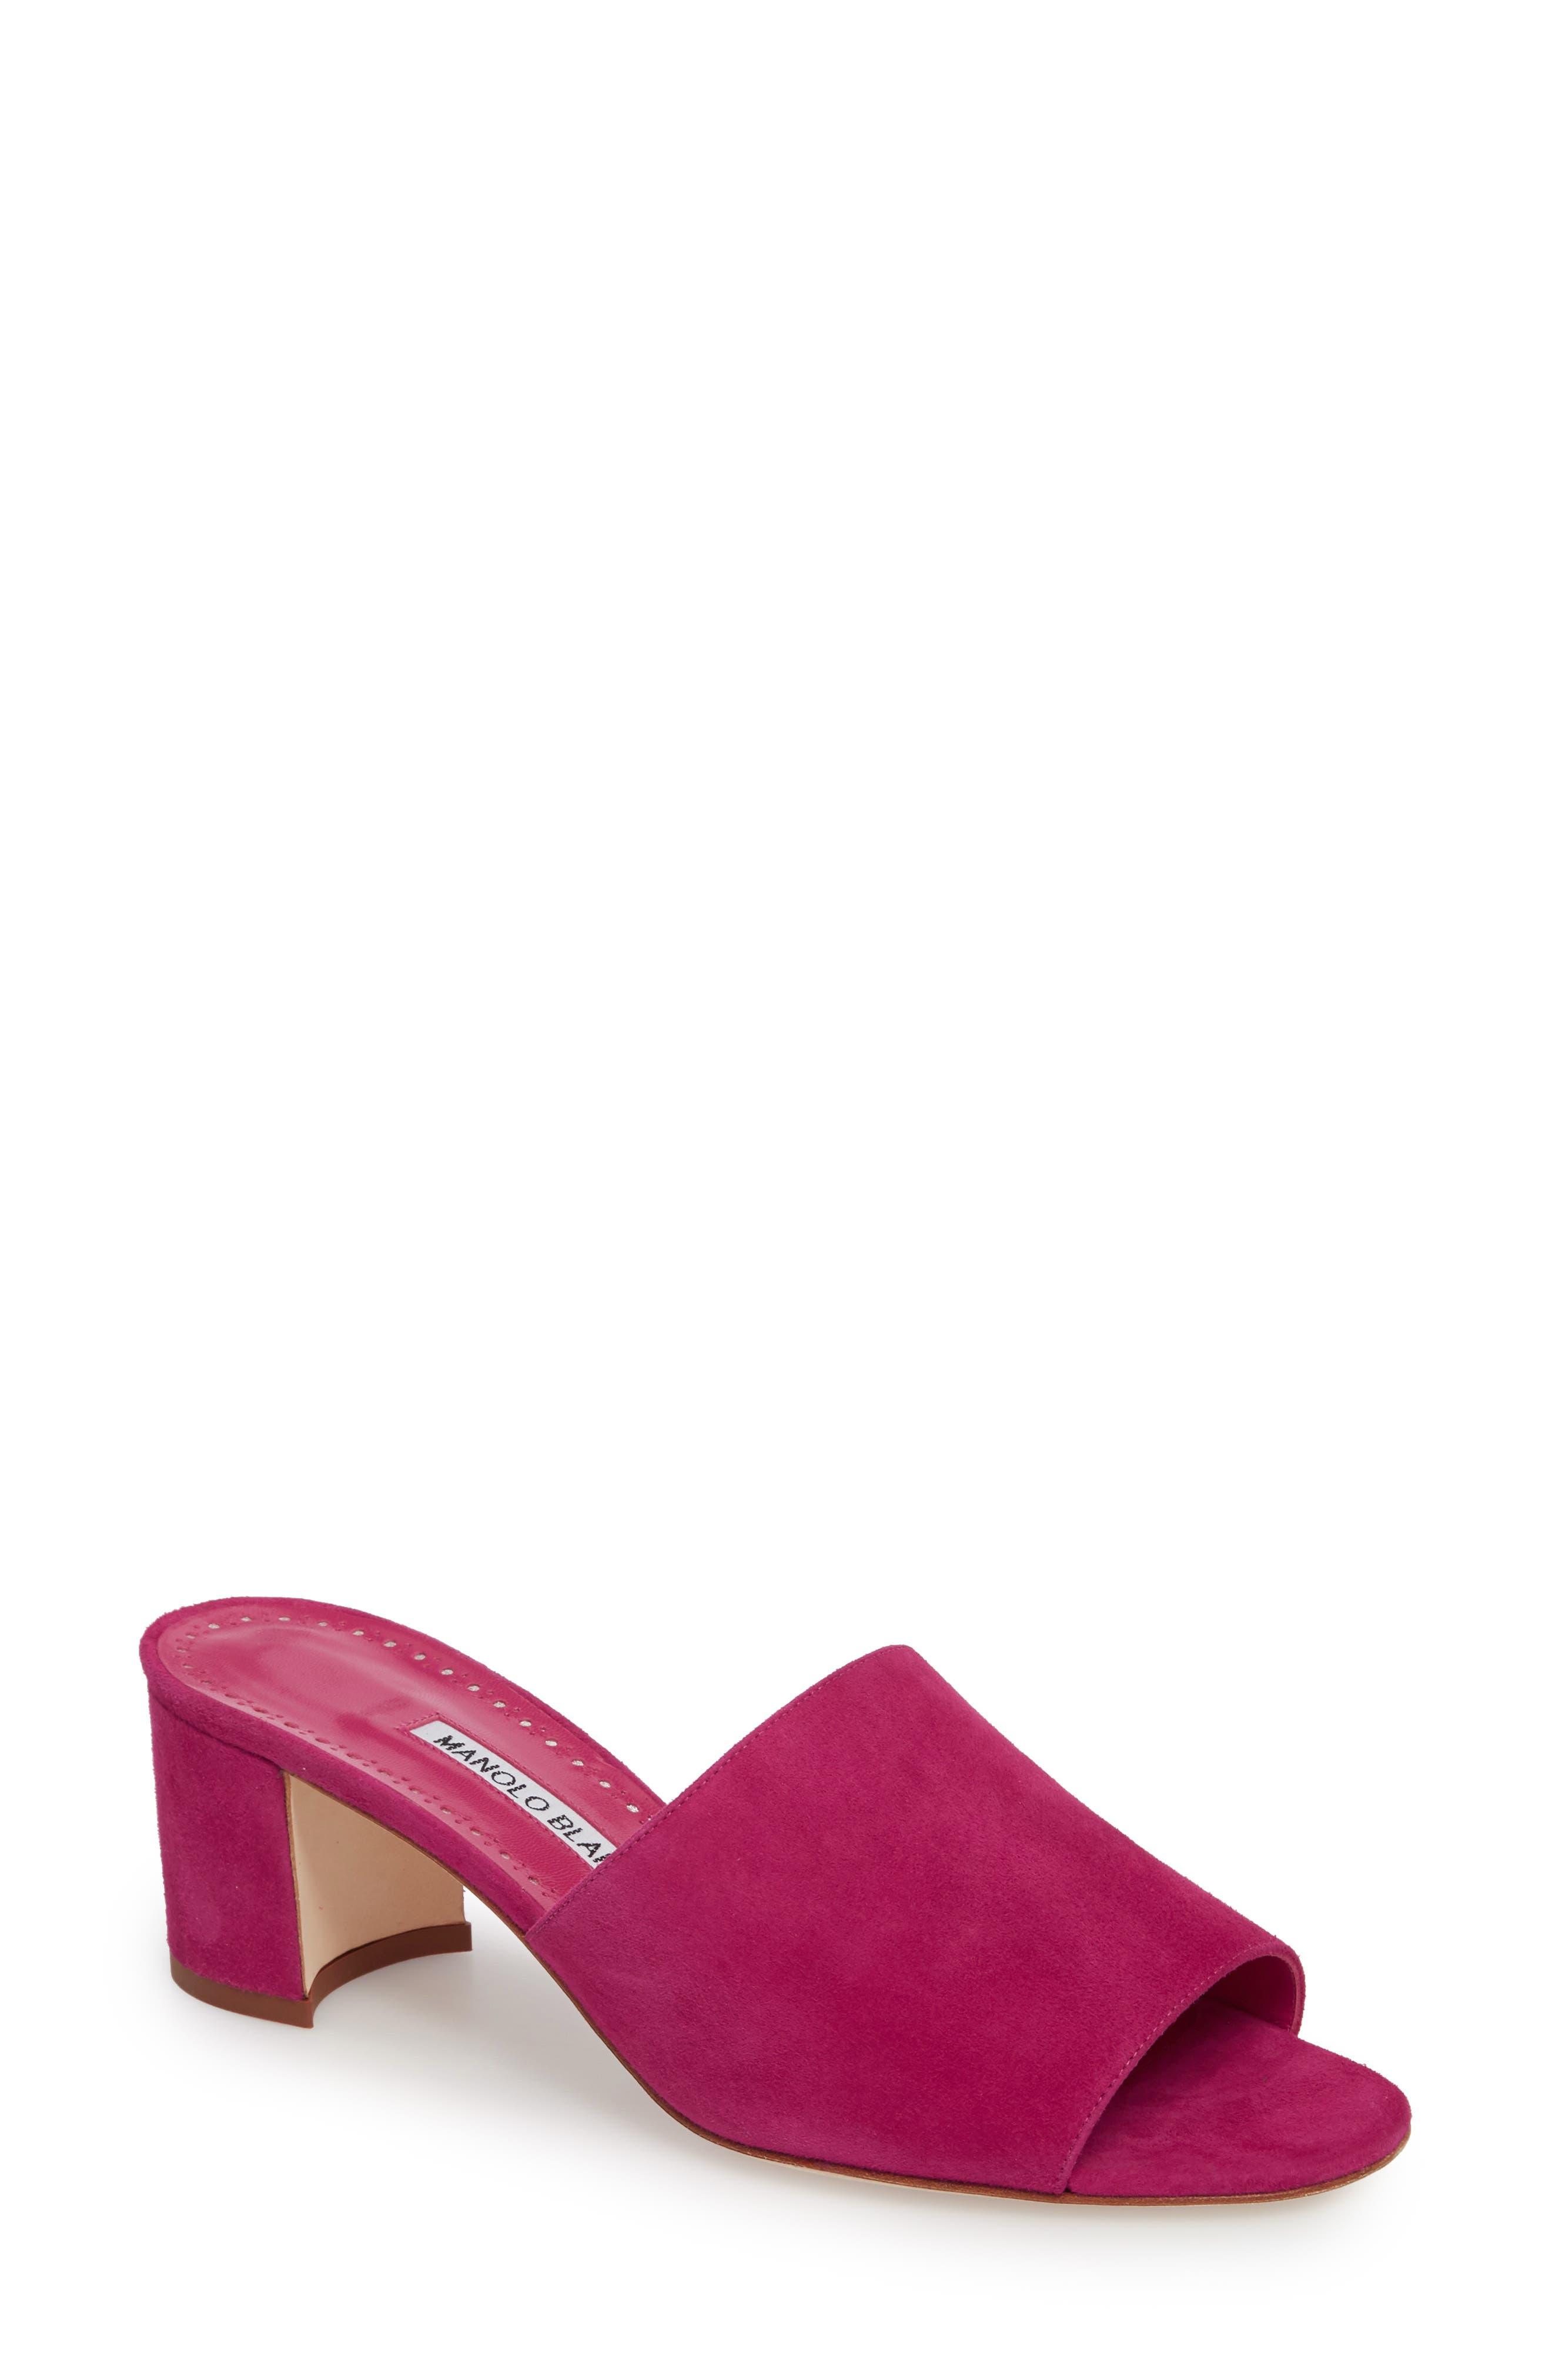 Rapallato Slide Sandal,                         Main,                         color, Fuchsia Suede